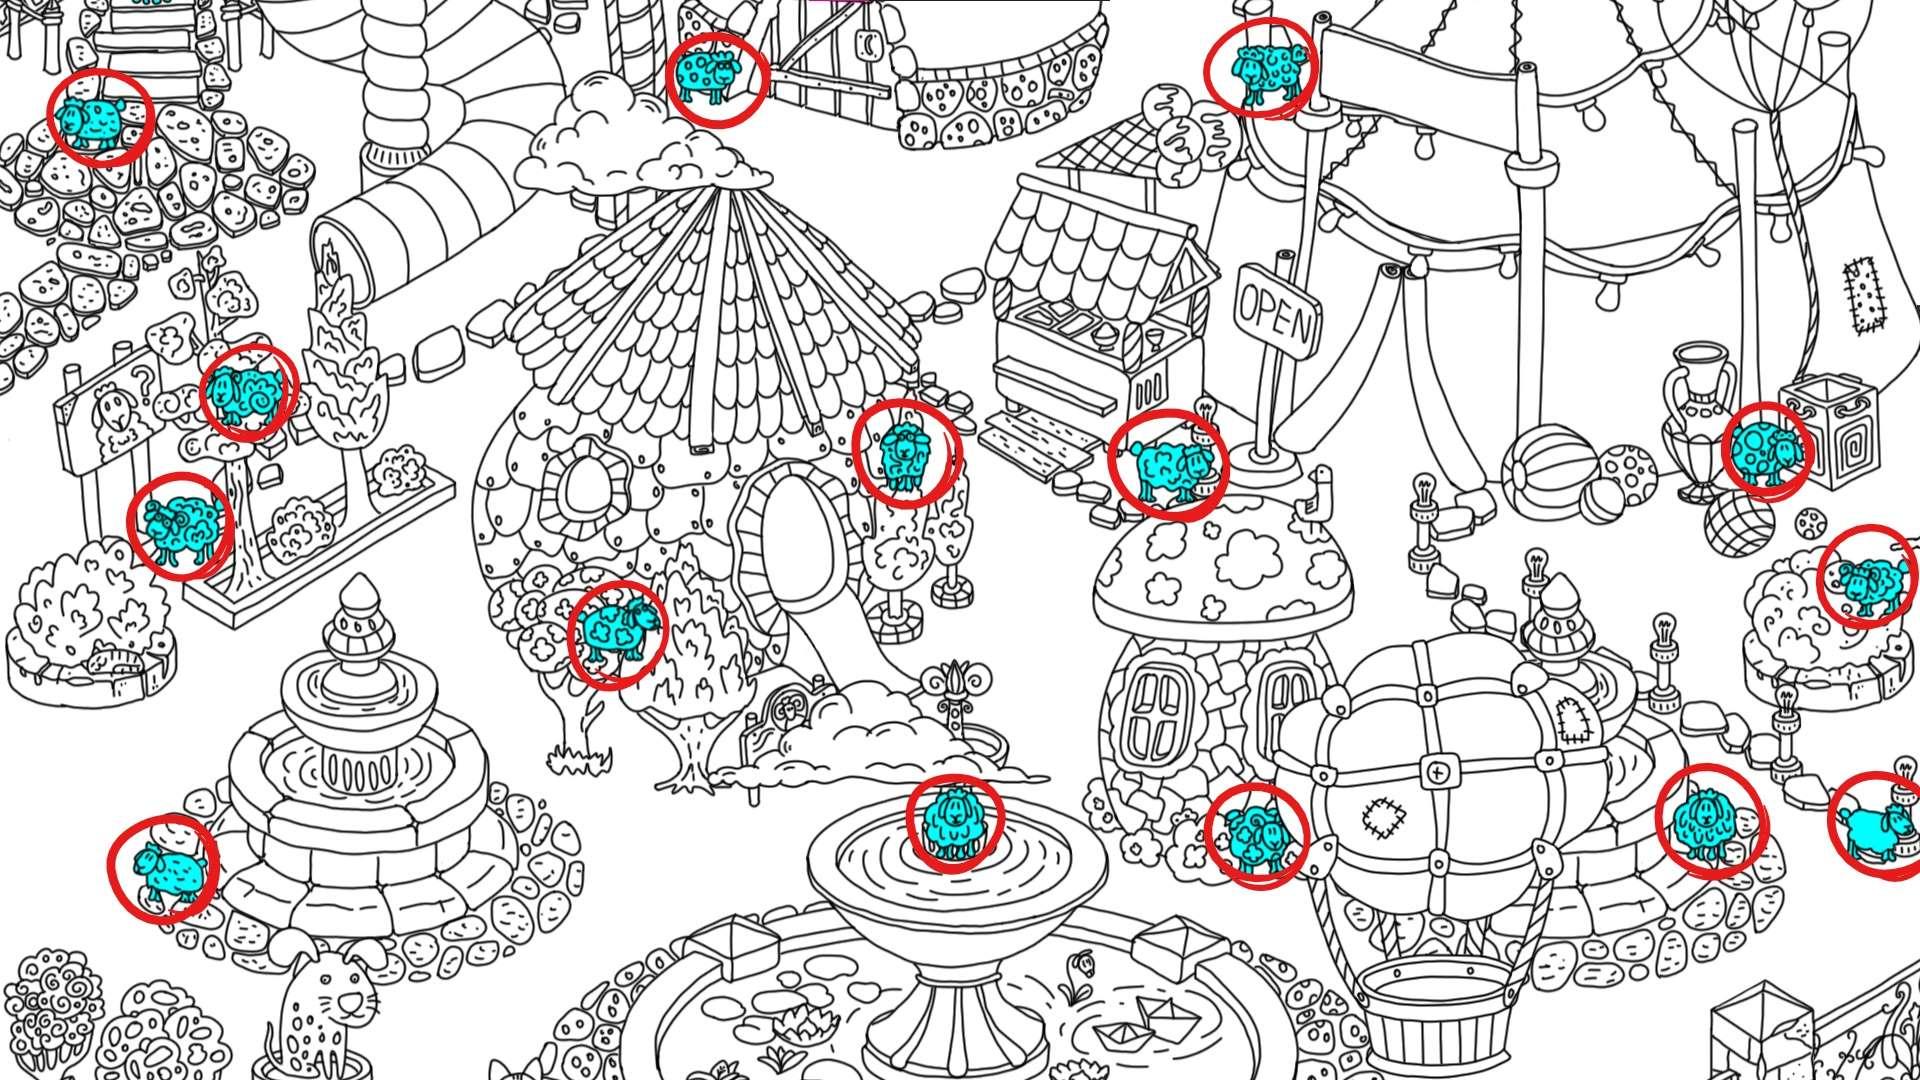 100 hidden rams - All Hidden Ram Location - Map Guide - all rams - F23E2A9